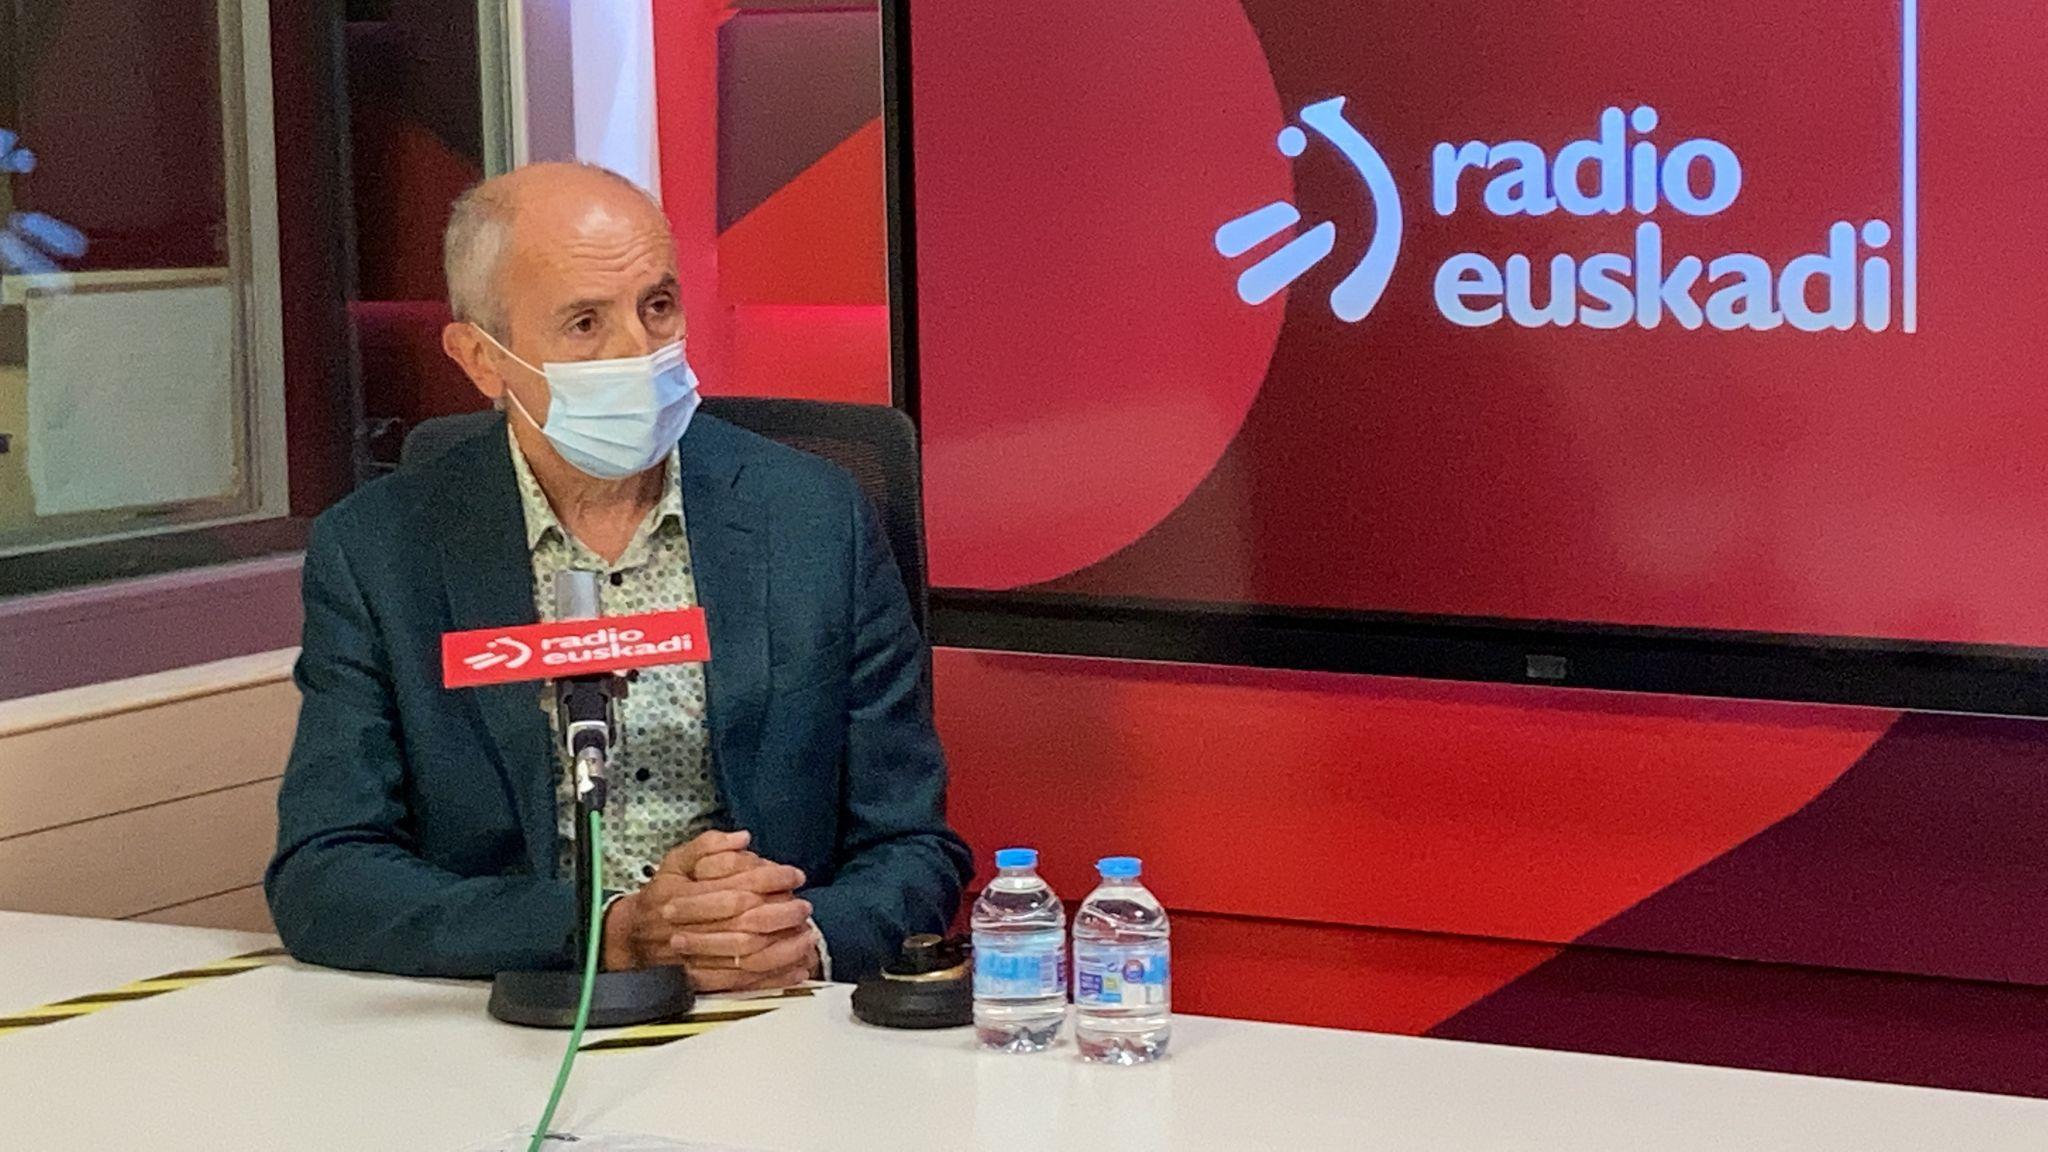 Entrevista_Erkoreka_RadioEuskadi_elkarrizketa__1_.jpg